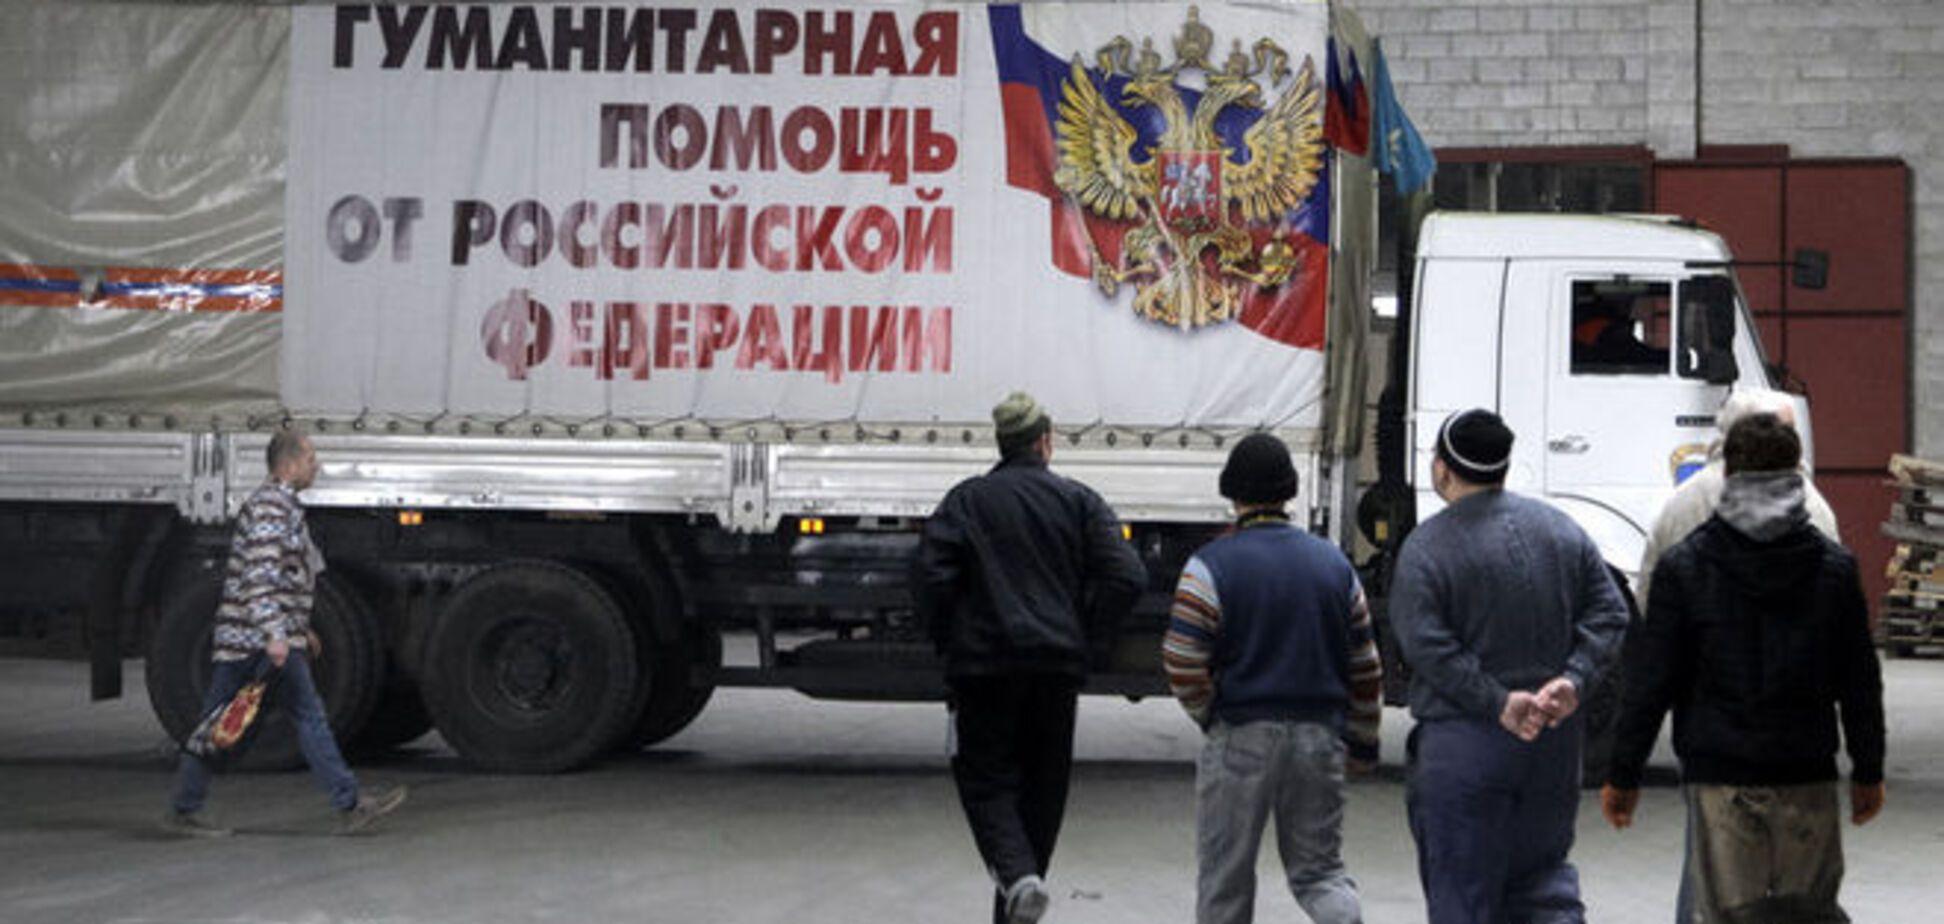 Путінський 'гумконвой' привіз бойовикам на Донбасі сотні тонн вантажів